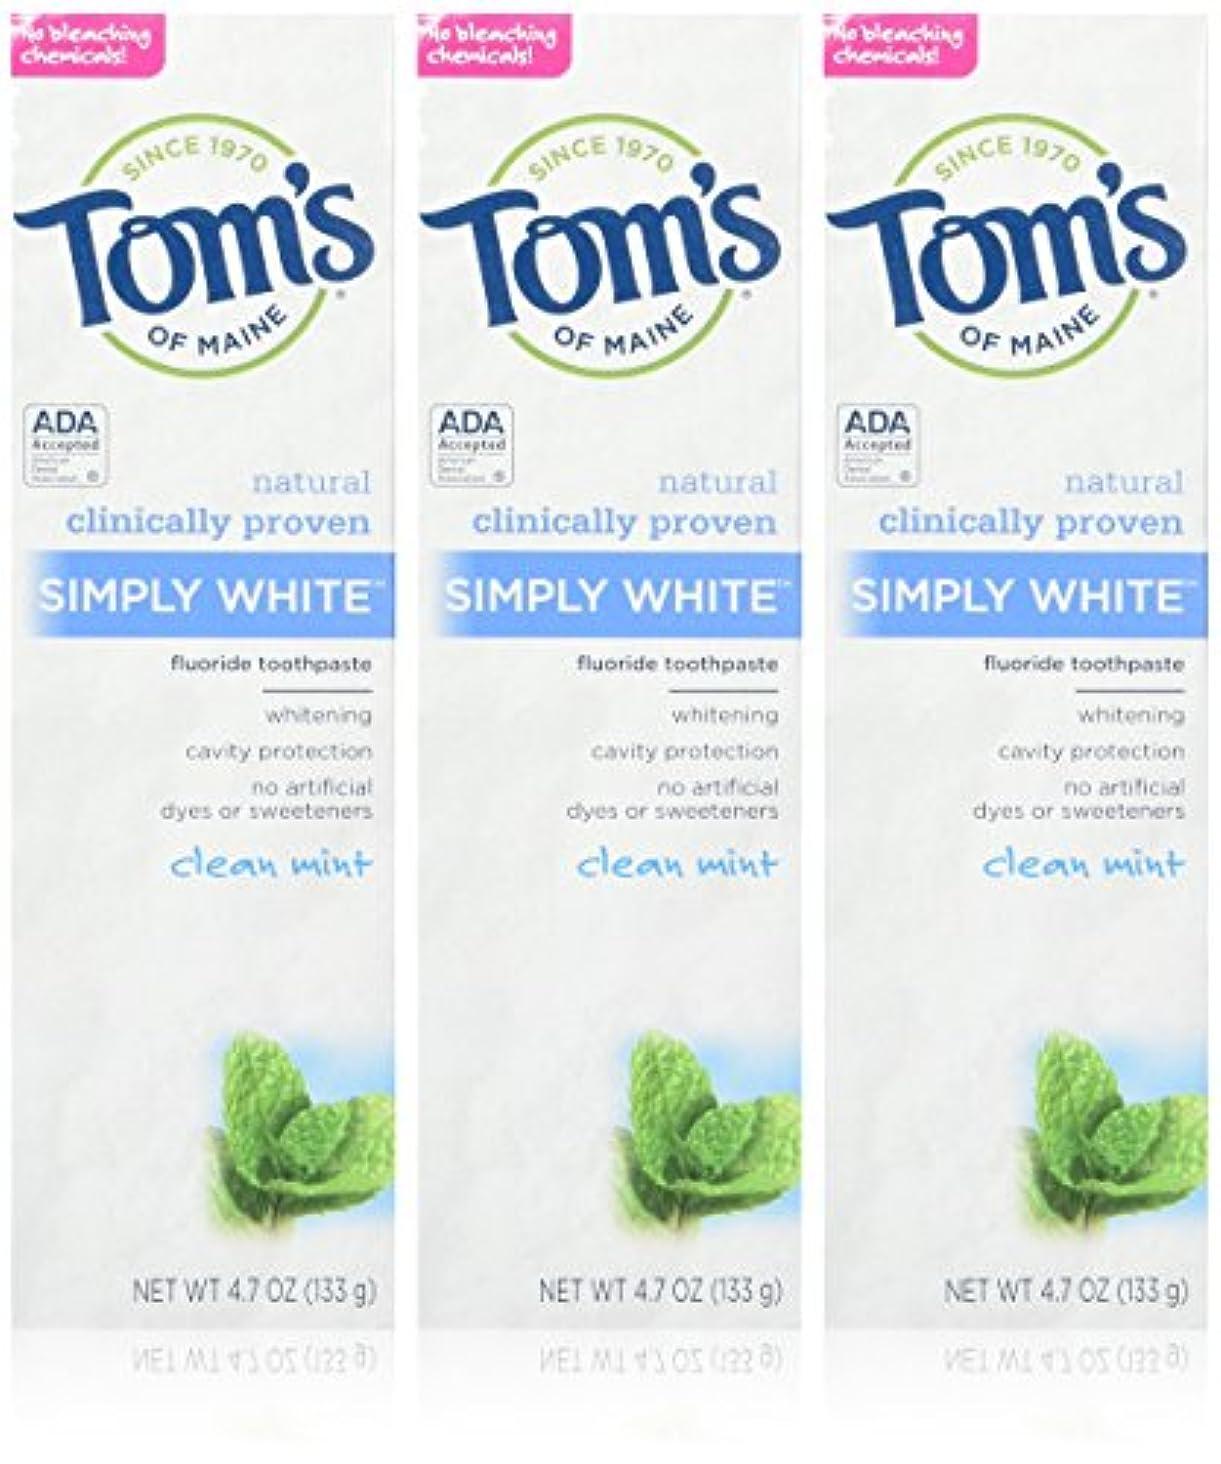 バイオリン瞑想する外部TOM'S OF MAINE - Simply White Toothpaste Clean Mint - 4.7 oz. (133 g) by Tom's of Maine